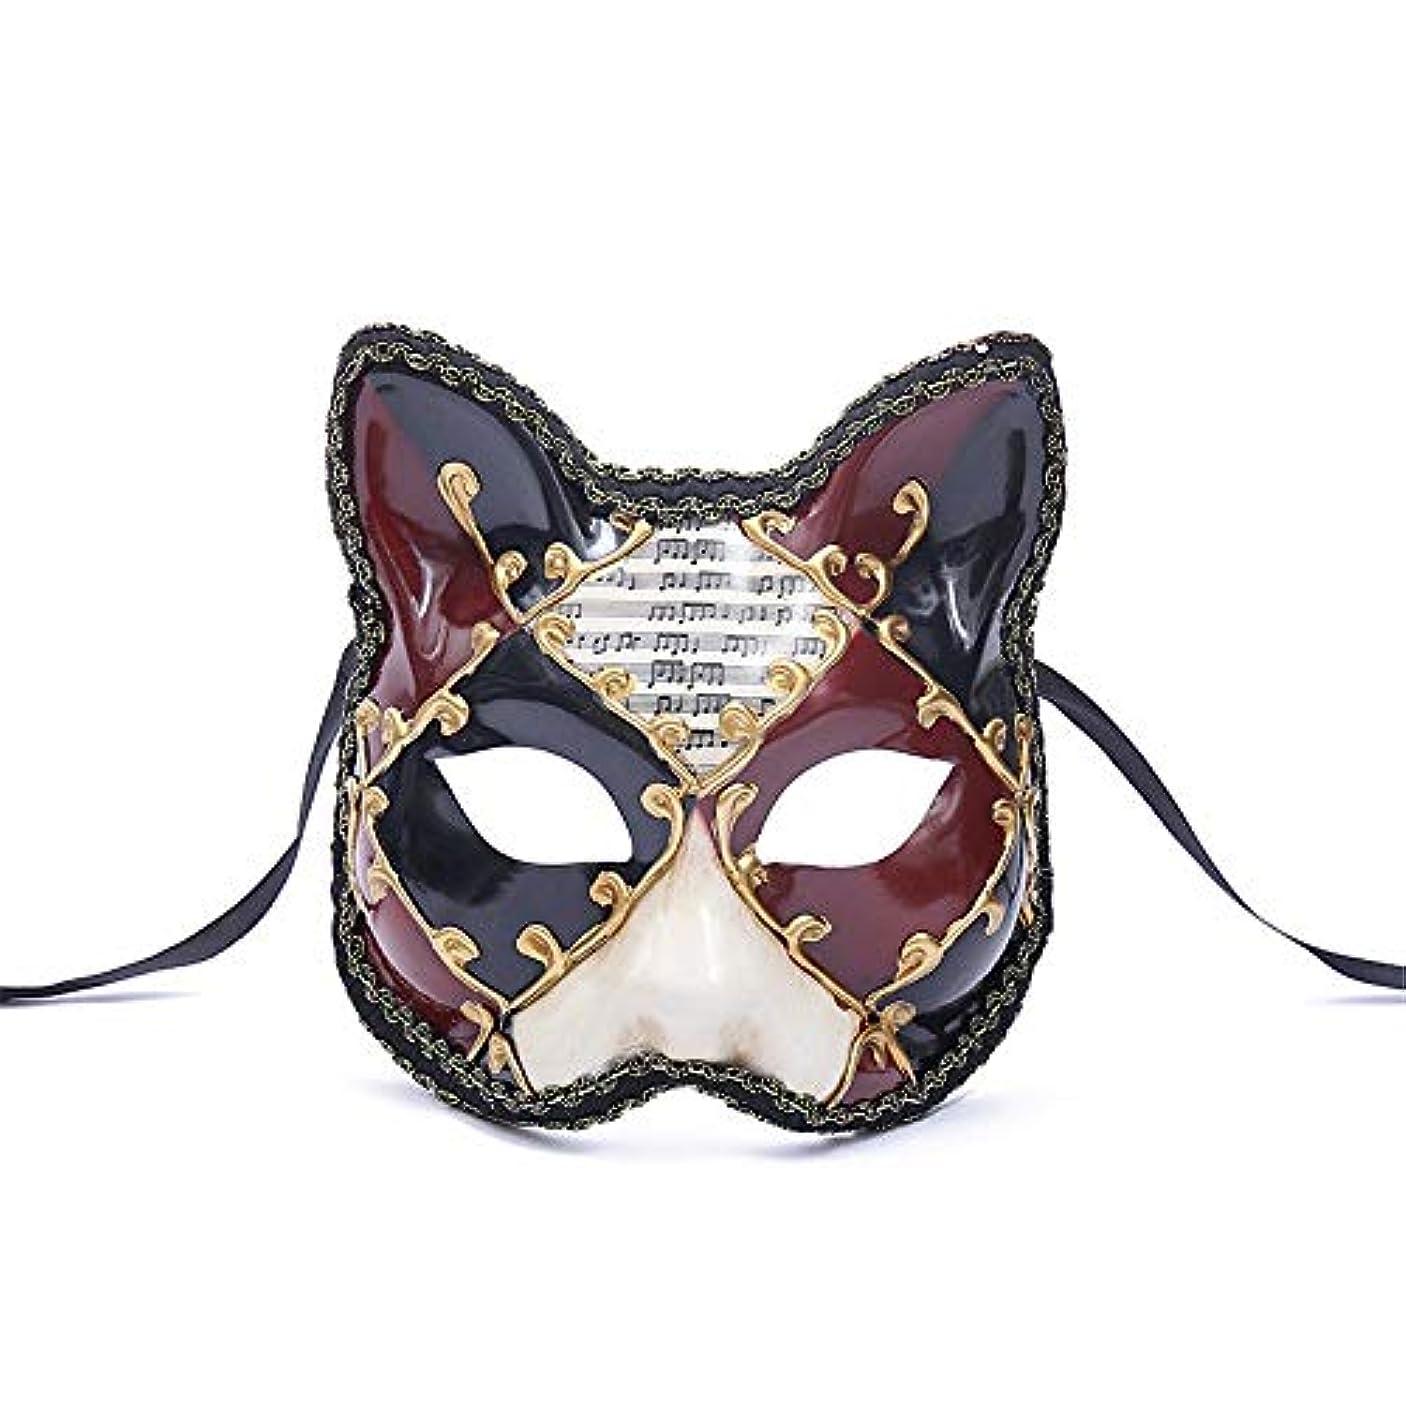 生まれ慣れるビュッフェダンスマスク 大きな猫アンティーク動物レトロコスプレハロウィーン仮装マスクナイトクラブマスク雰囲気フェスティバルマスク パーティーボールマスク (色 : 赤, サイズ : 17.5x16cm)